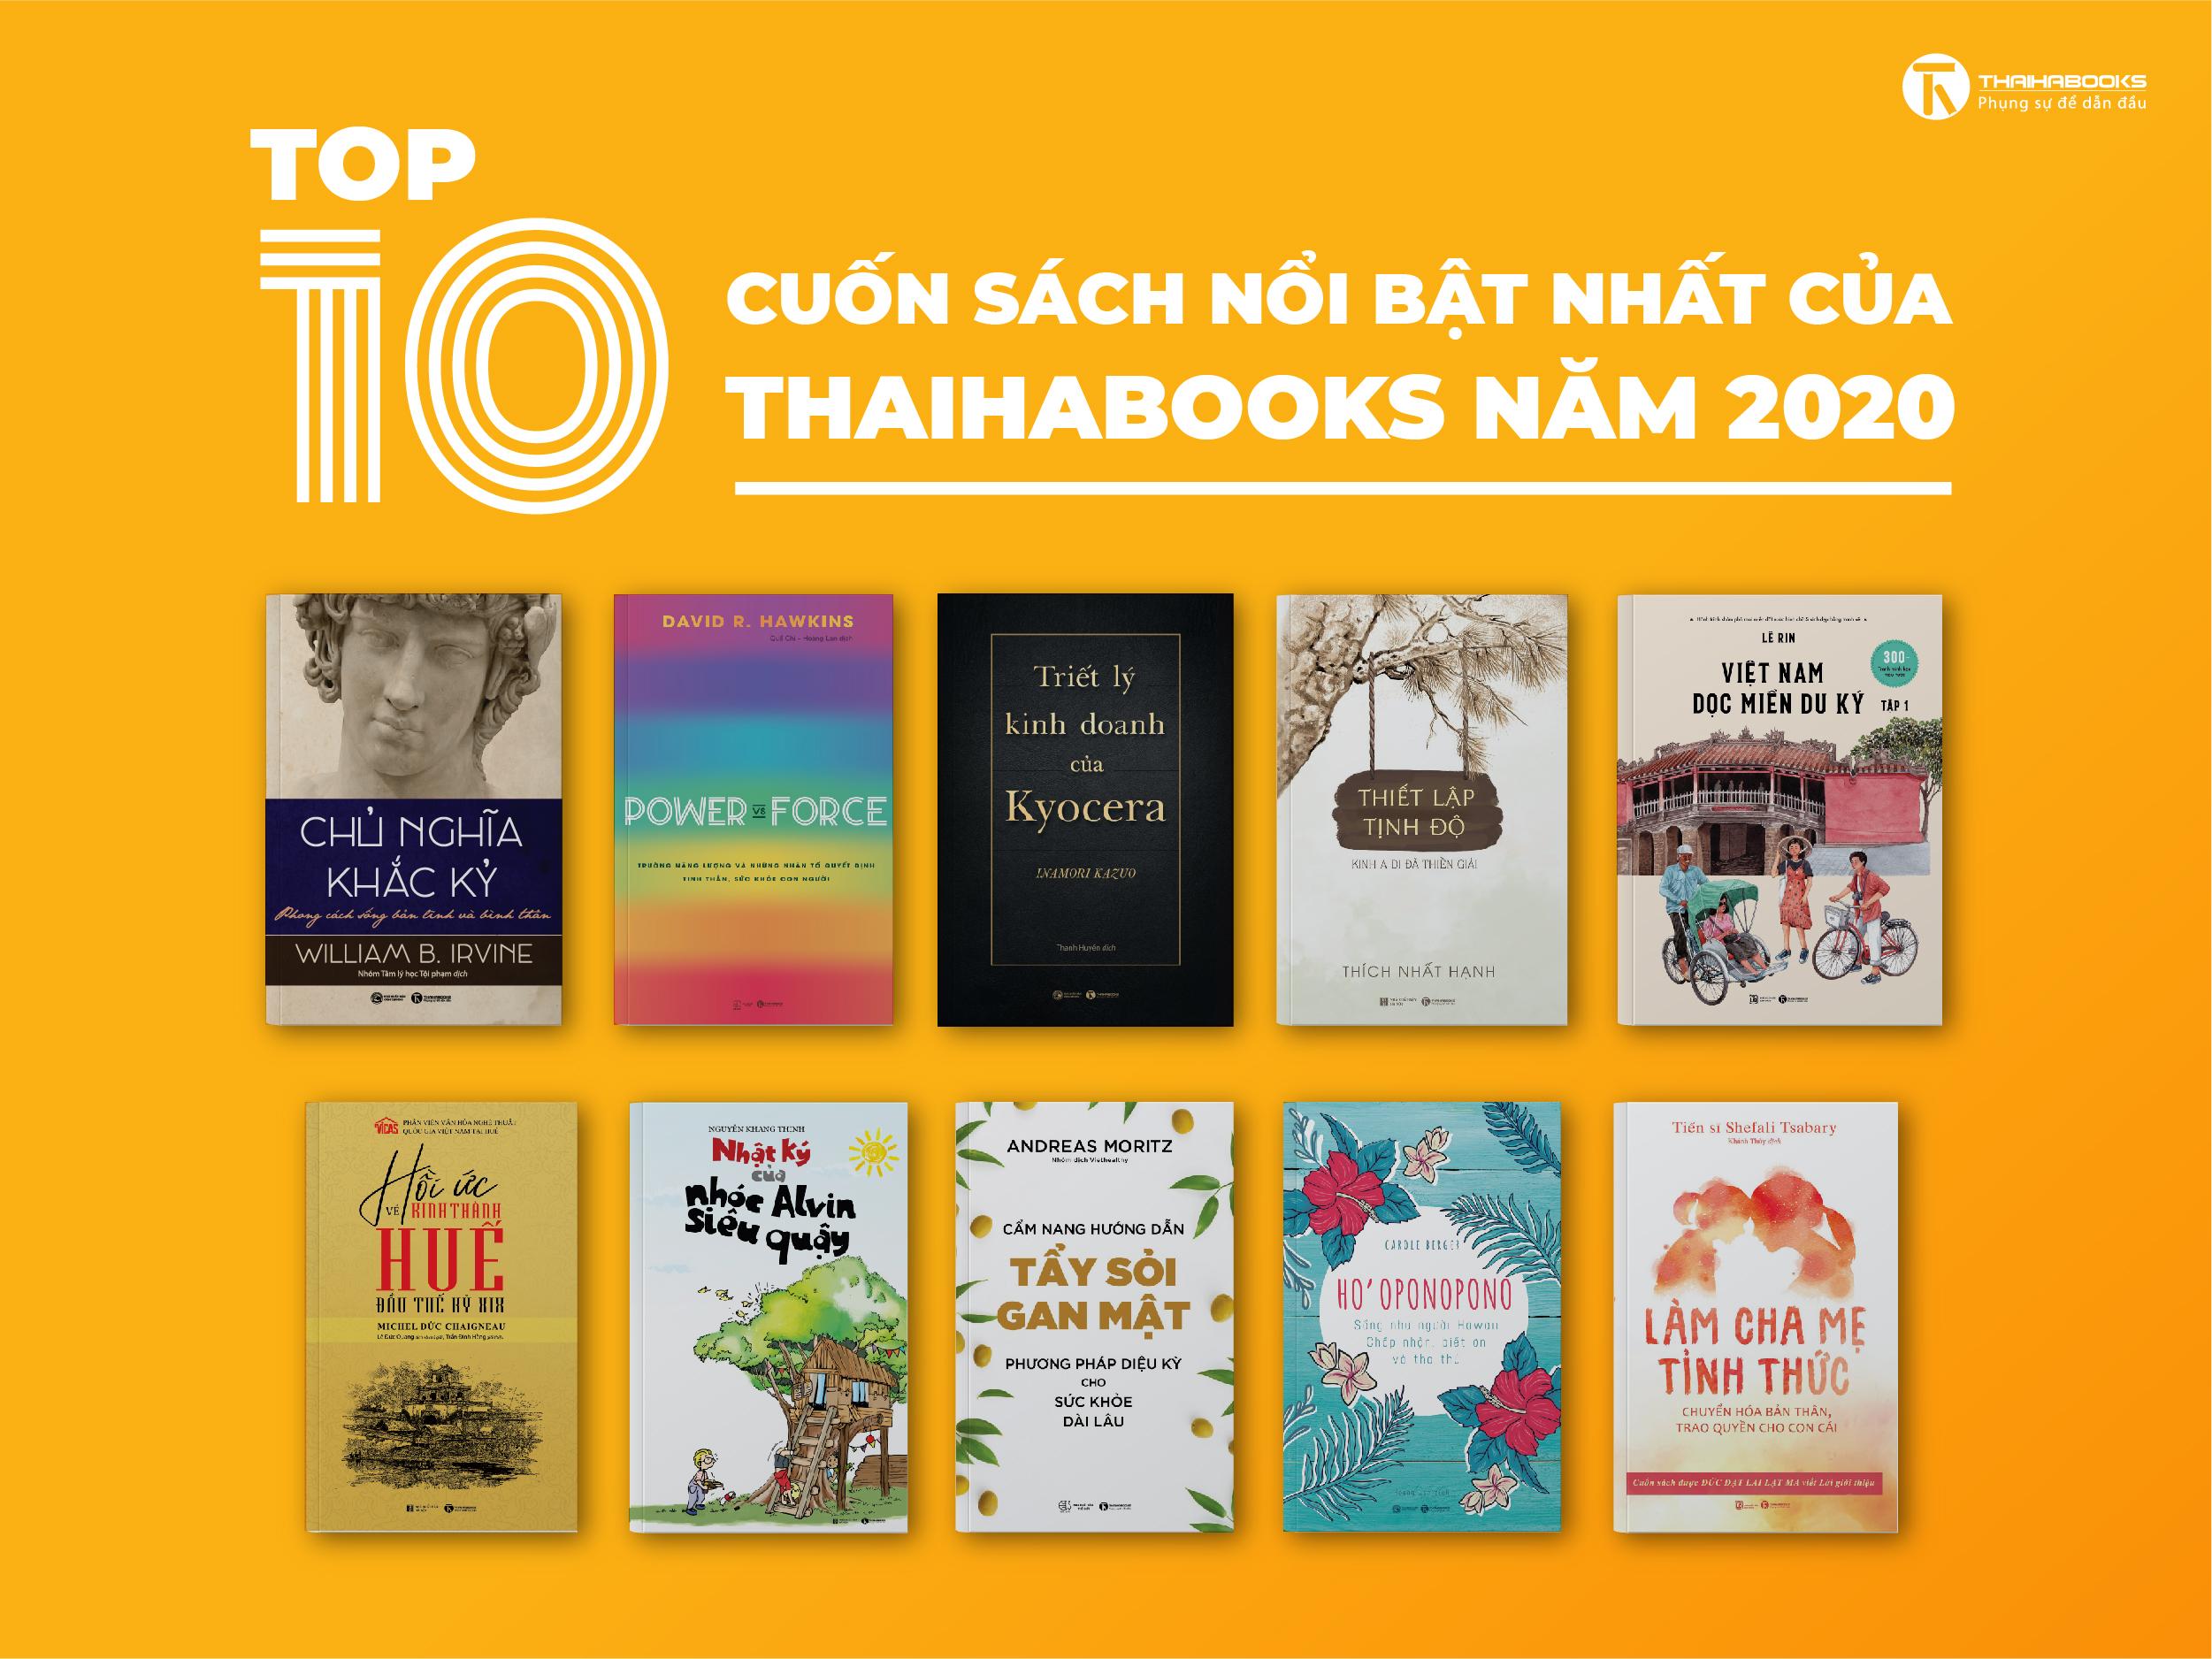 10 CUỐN SÁCH TIÊU BIỂU XUẤT BẢN NĂM 2020 CỦA THÁI HÀ BOOKS